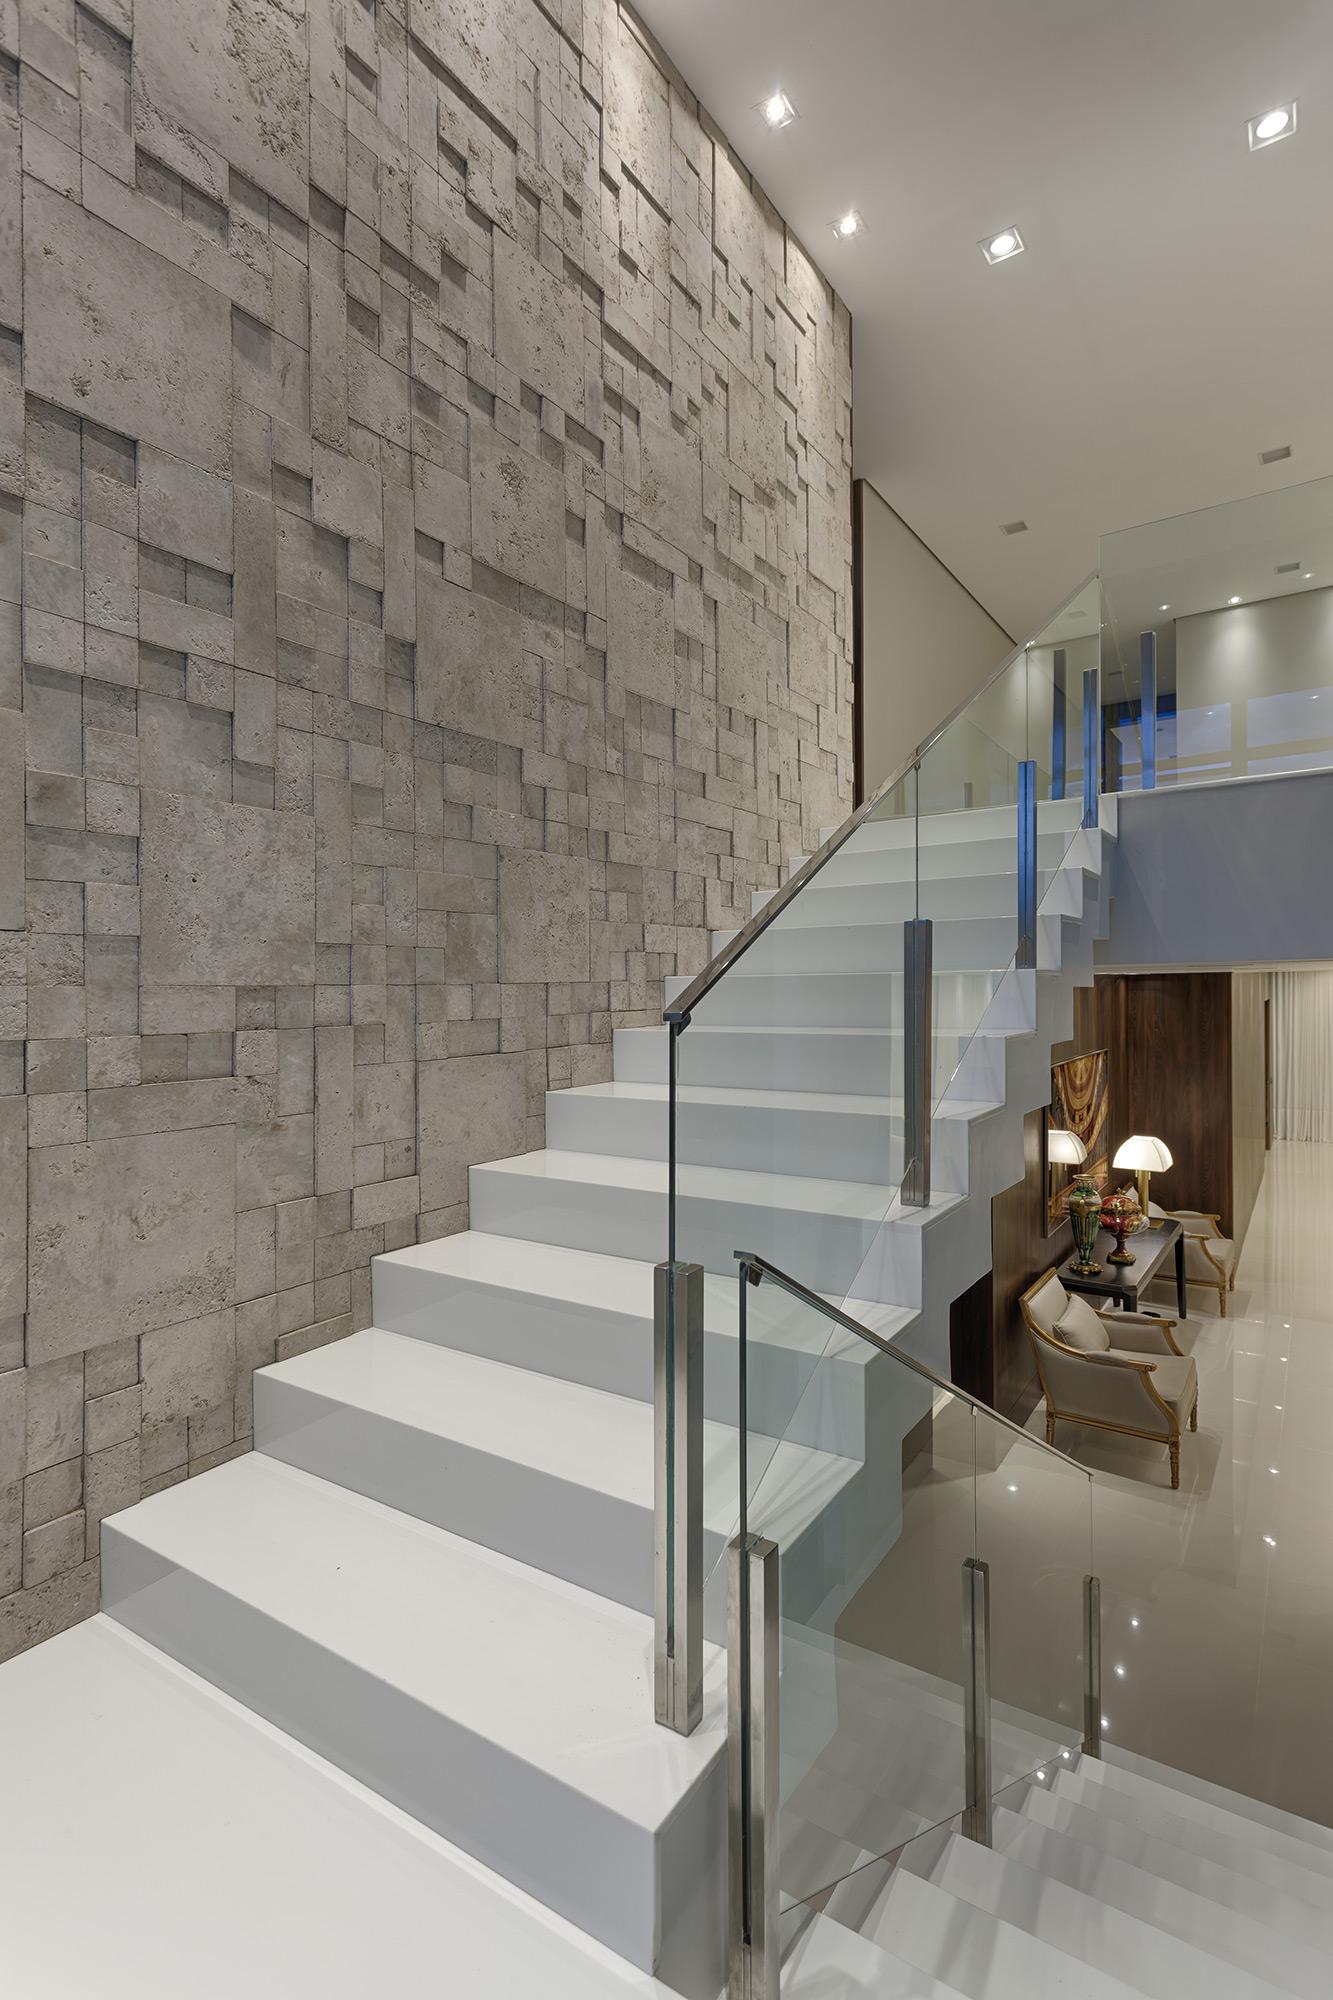 Mosaico Etrusco Fendi - Designer de Interiores Erica Carneiro - Foto Gustavo Xavier